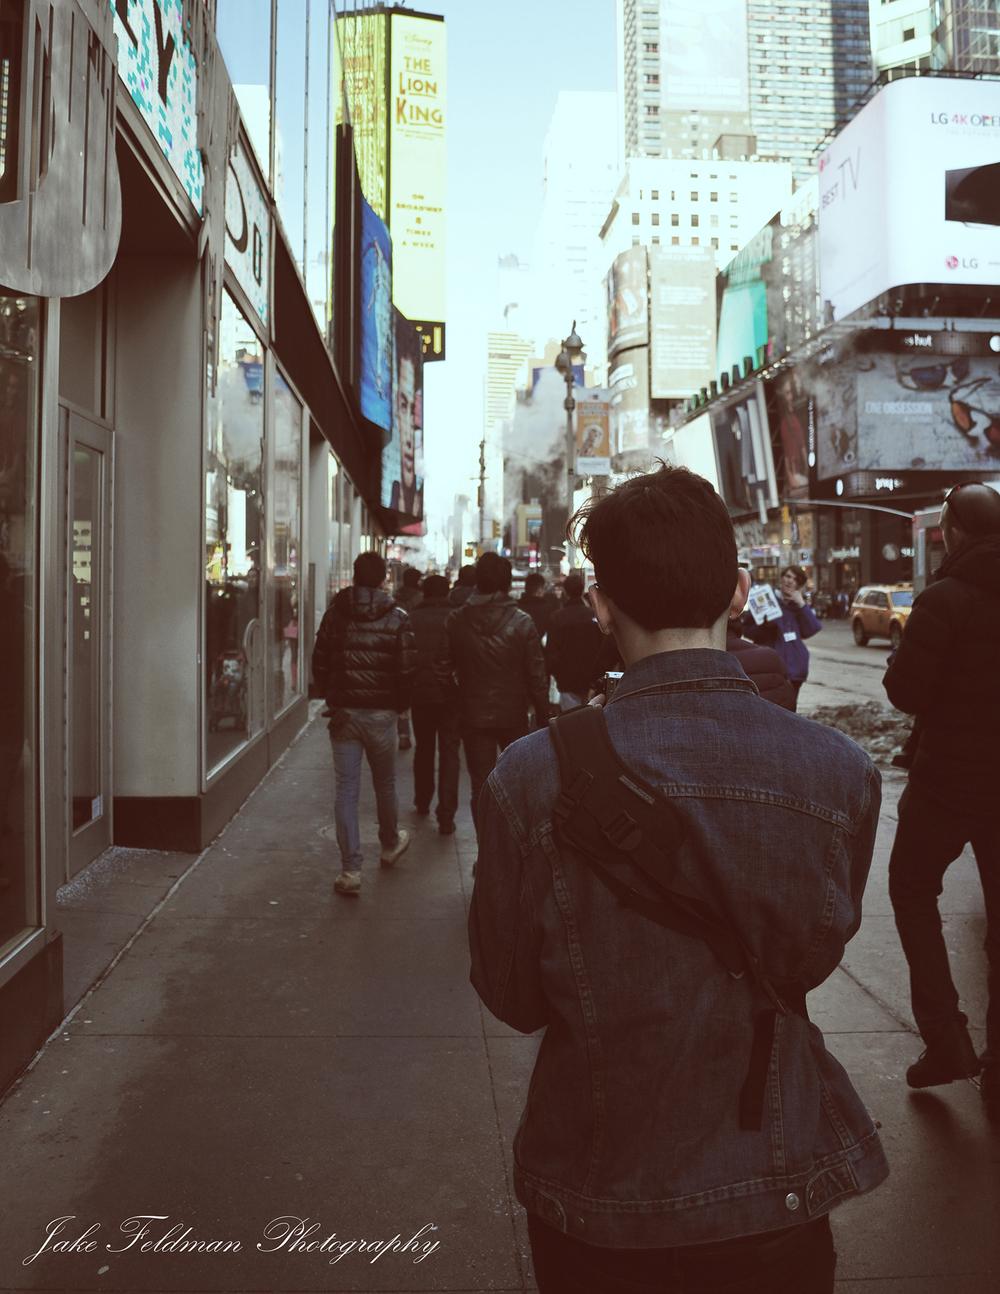 walking in the city vintage.jpg